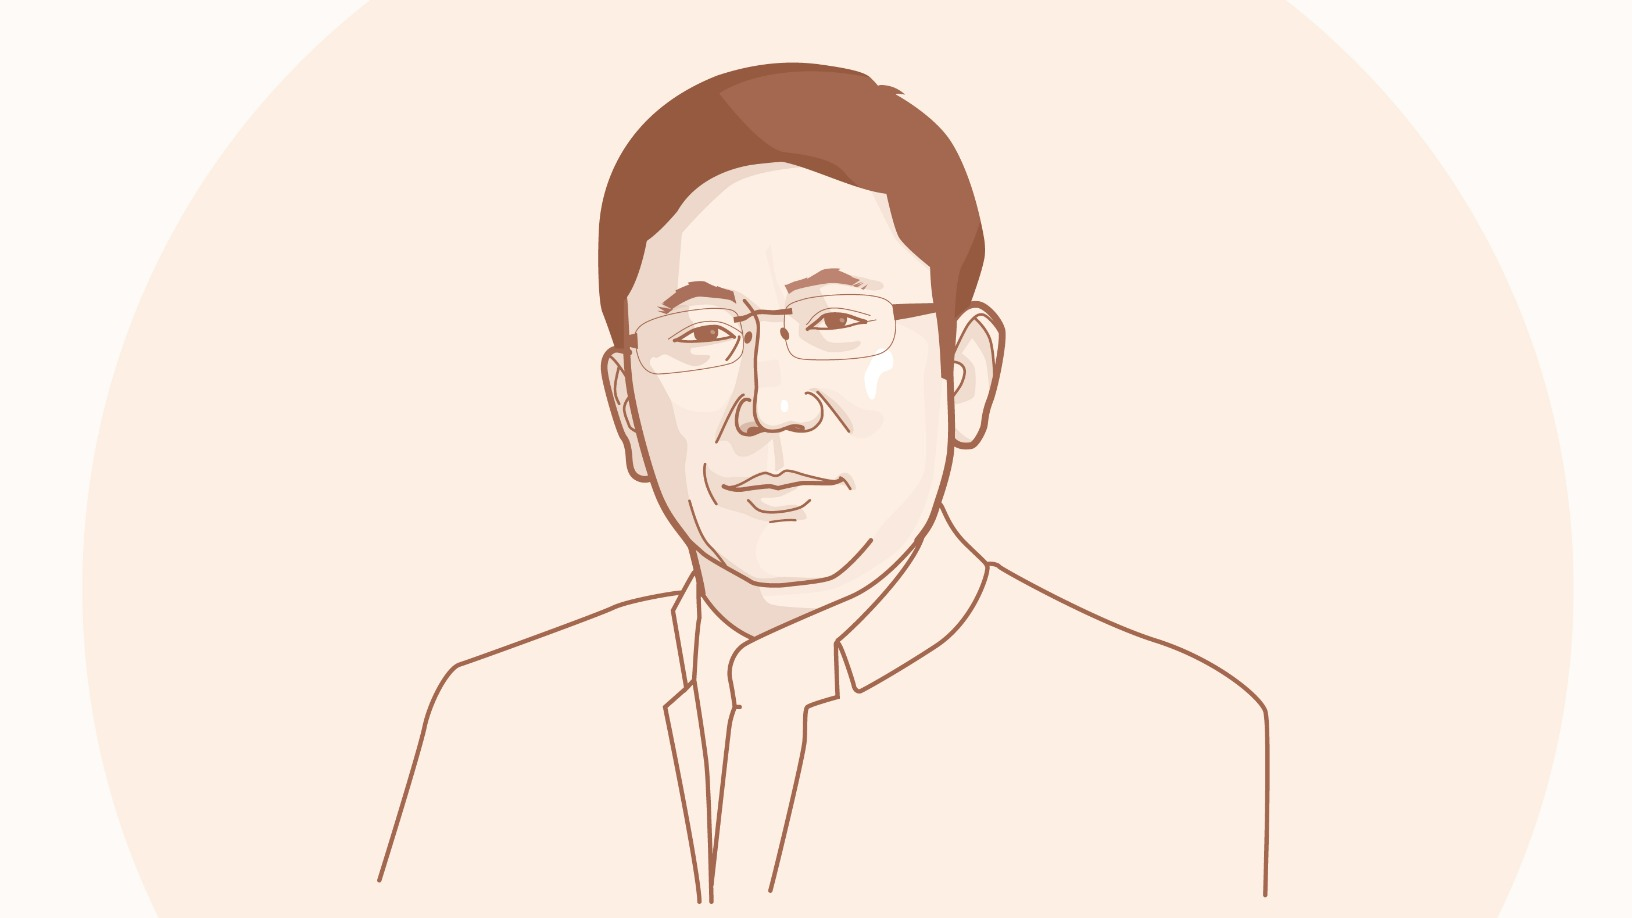 Xu Jinghong: Champion of young entrepreneurs and high-tech startups